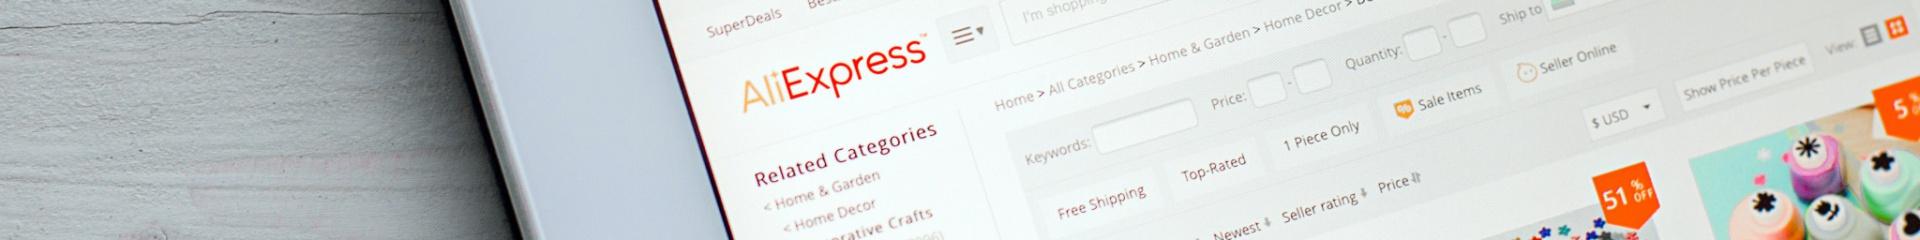 Clo a DPH pri objednávkach z AliExpressu